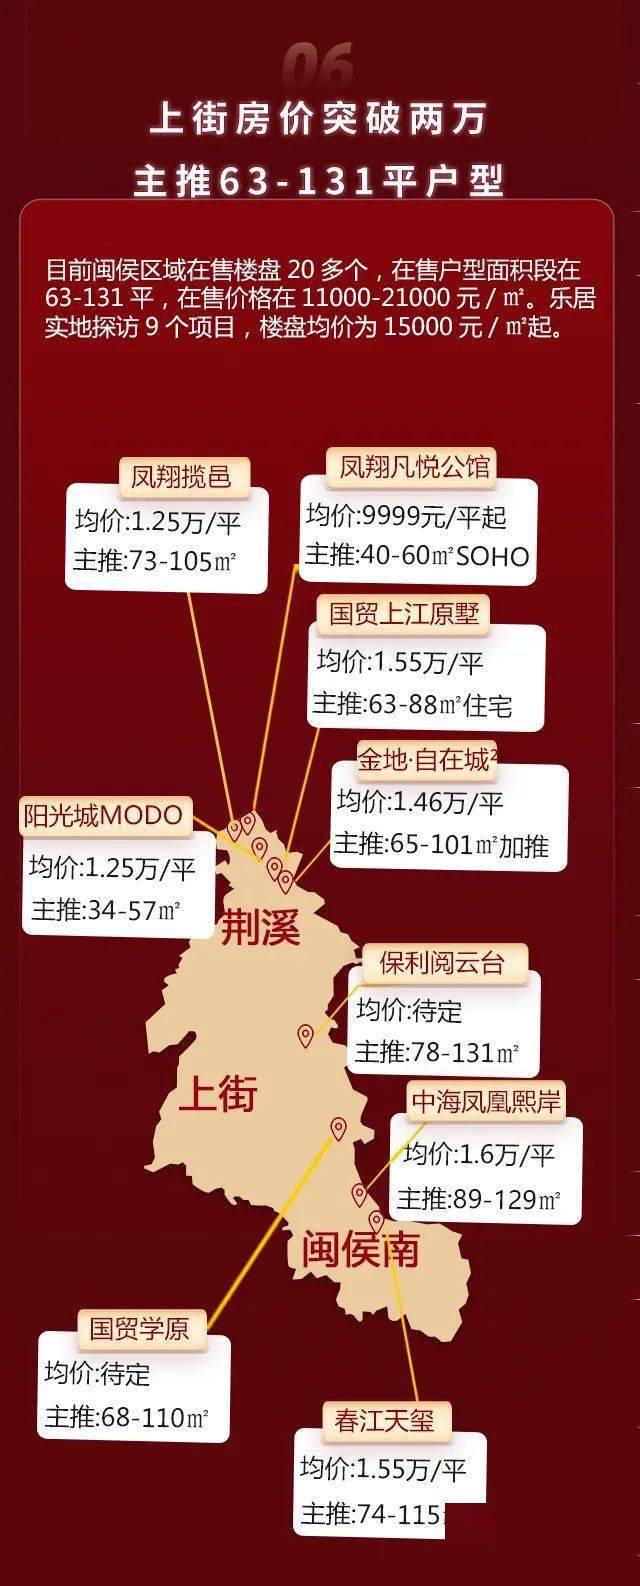 福州5.1房价数据出炉:东二环成香馍馍!上街房价突破2万!哪里优惠最多?  第8张